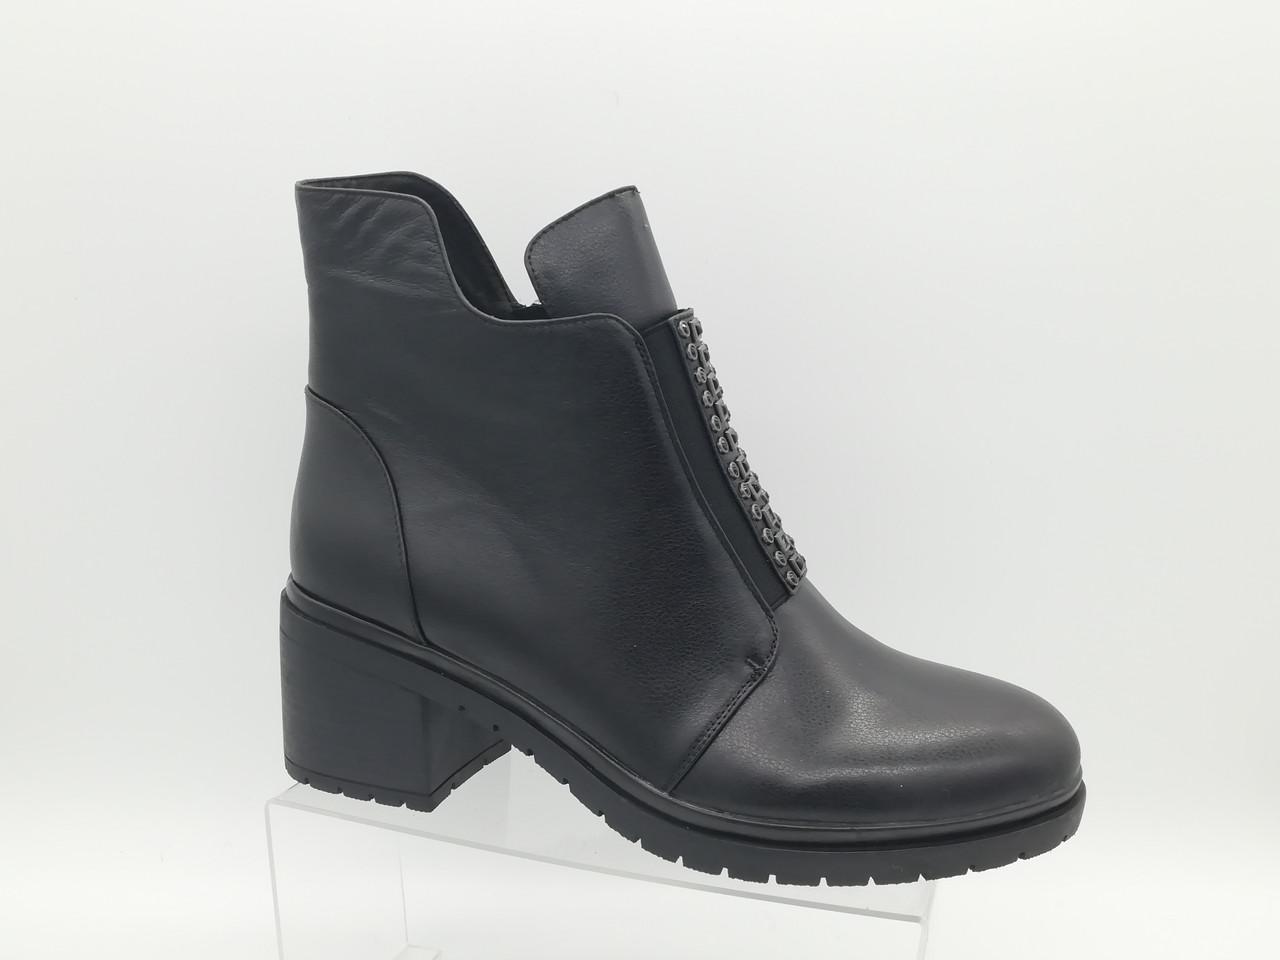 Черные  кожаные ботинки. Большие размеры (41 - 43). Ботильоны.